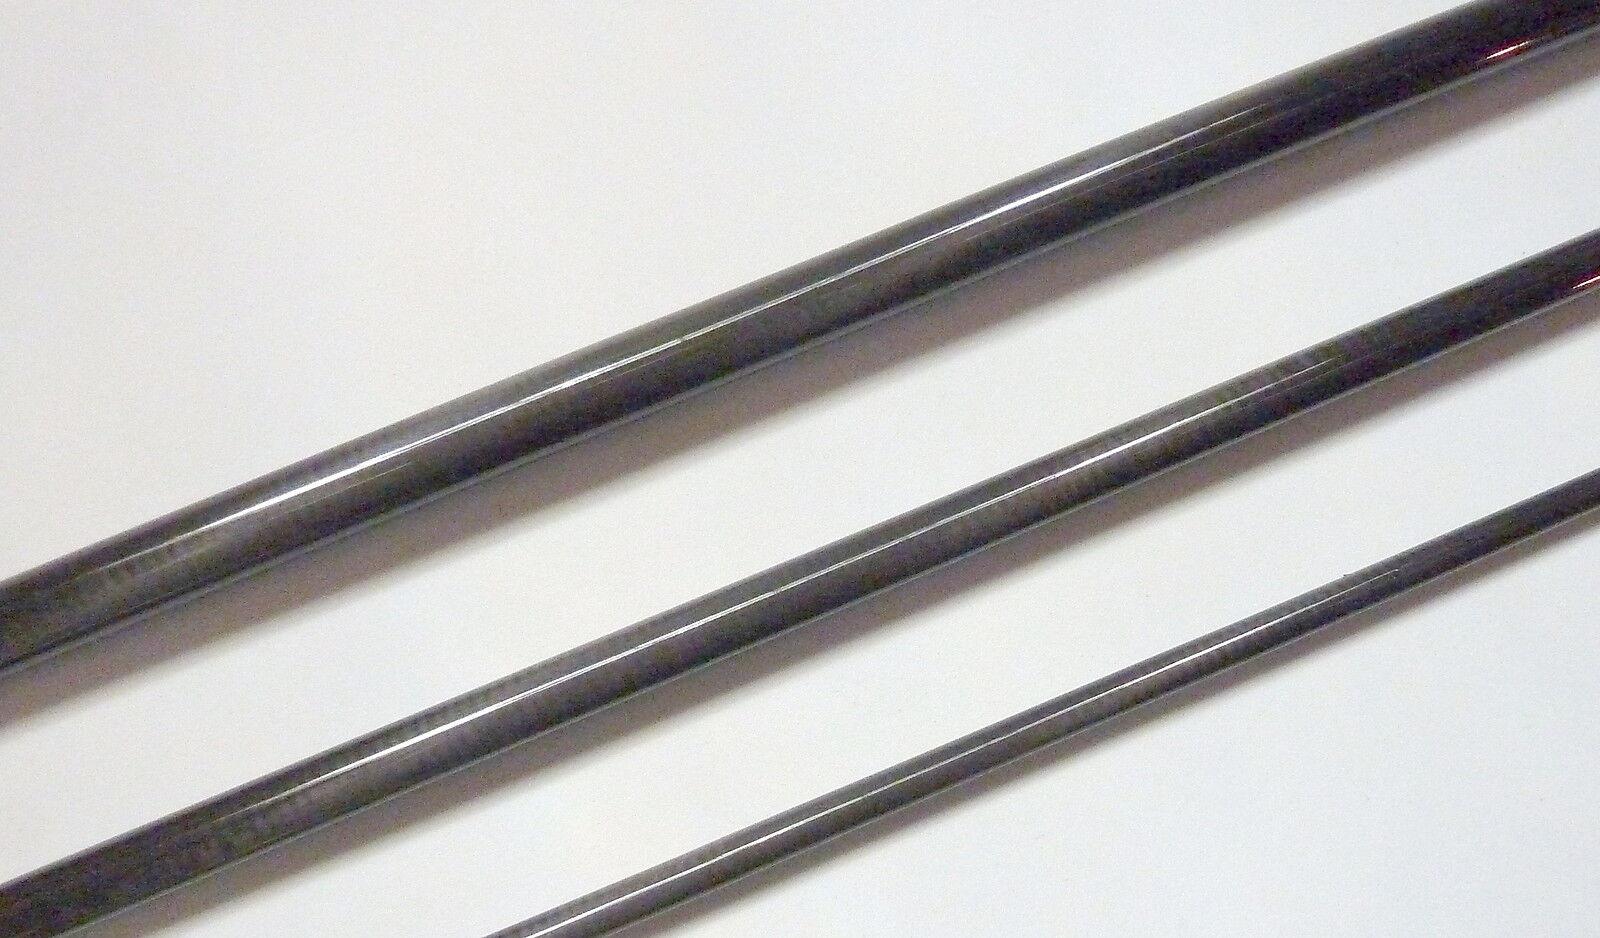 30 lb (environ 13.61 kg) Classe 7' trois pièces en fibre de carbone Travel Fishing Rod Blank; 2 - 9 Oz; NEUF